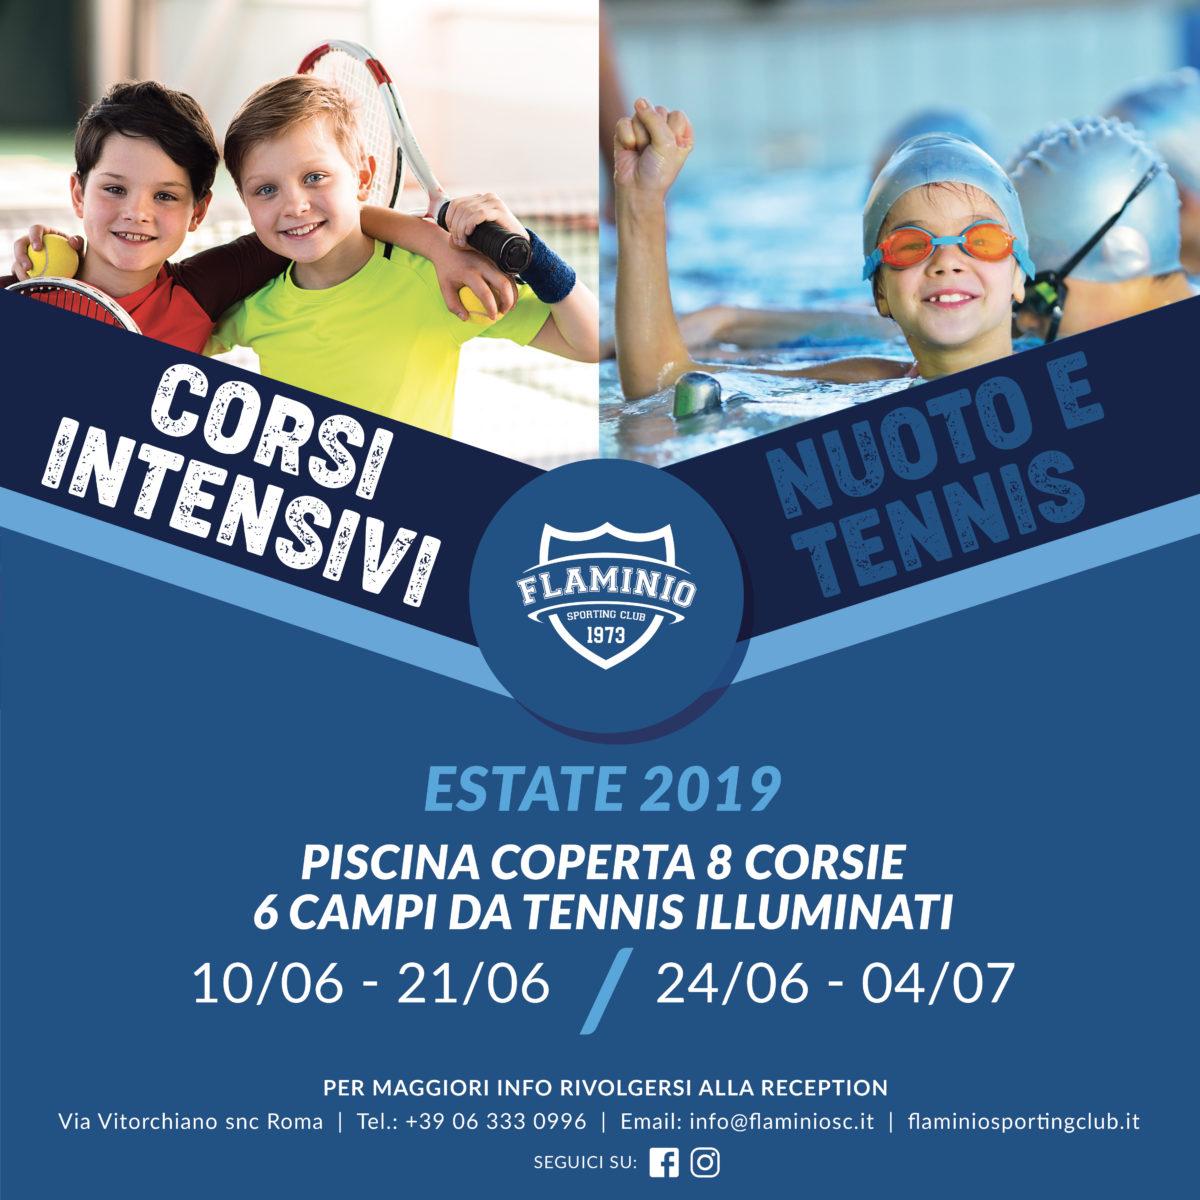 Corsi Intensivi Flaminio Sporting Club Roma